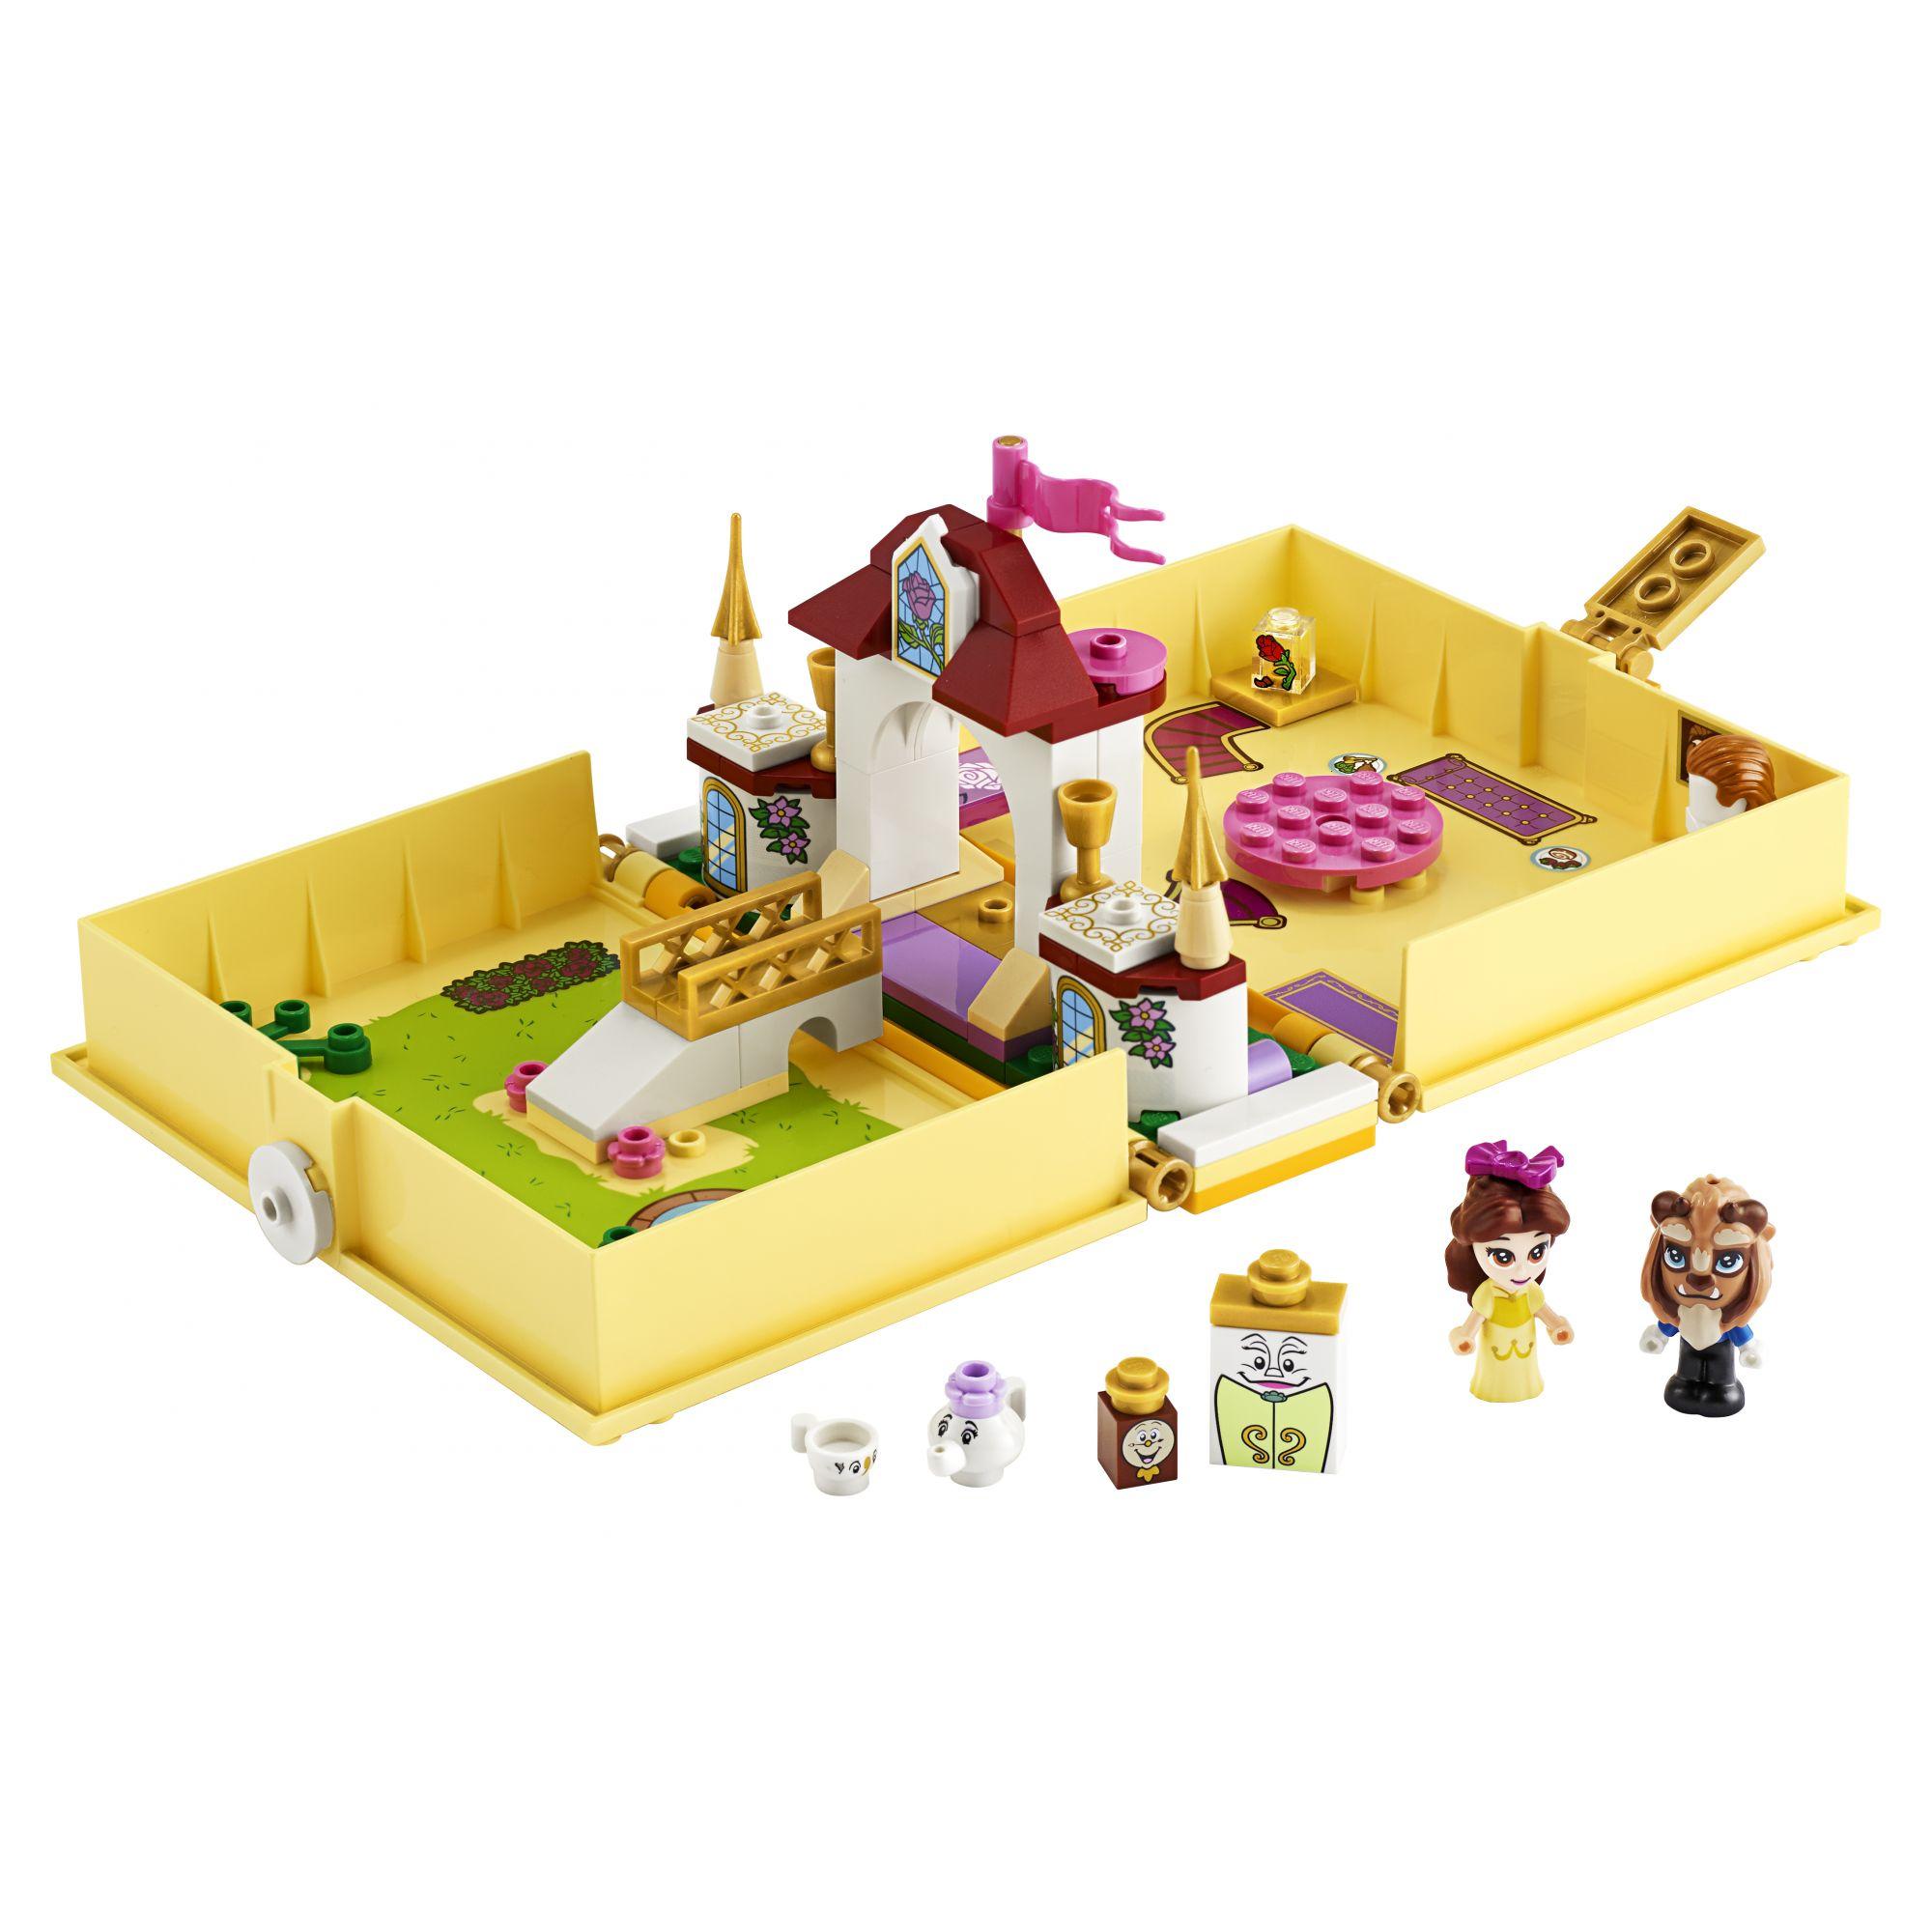 LEGO Disney Princess Il libro delle fiabe di Belle - 43177